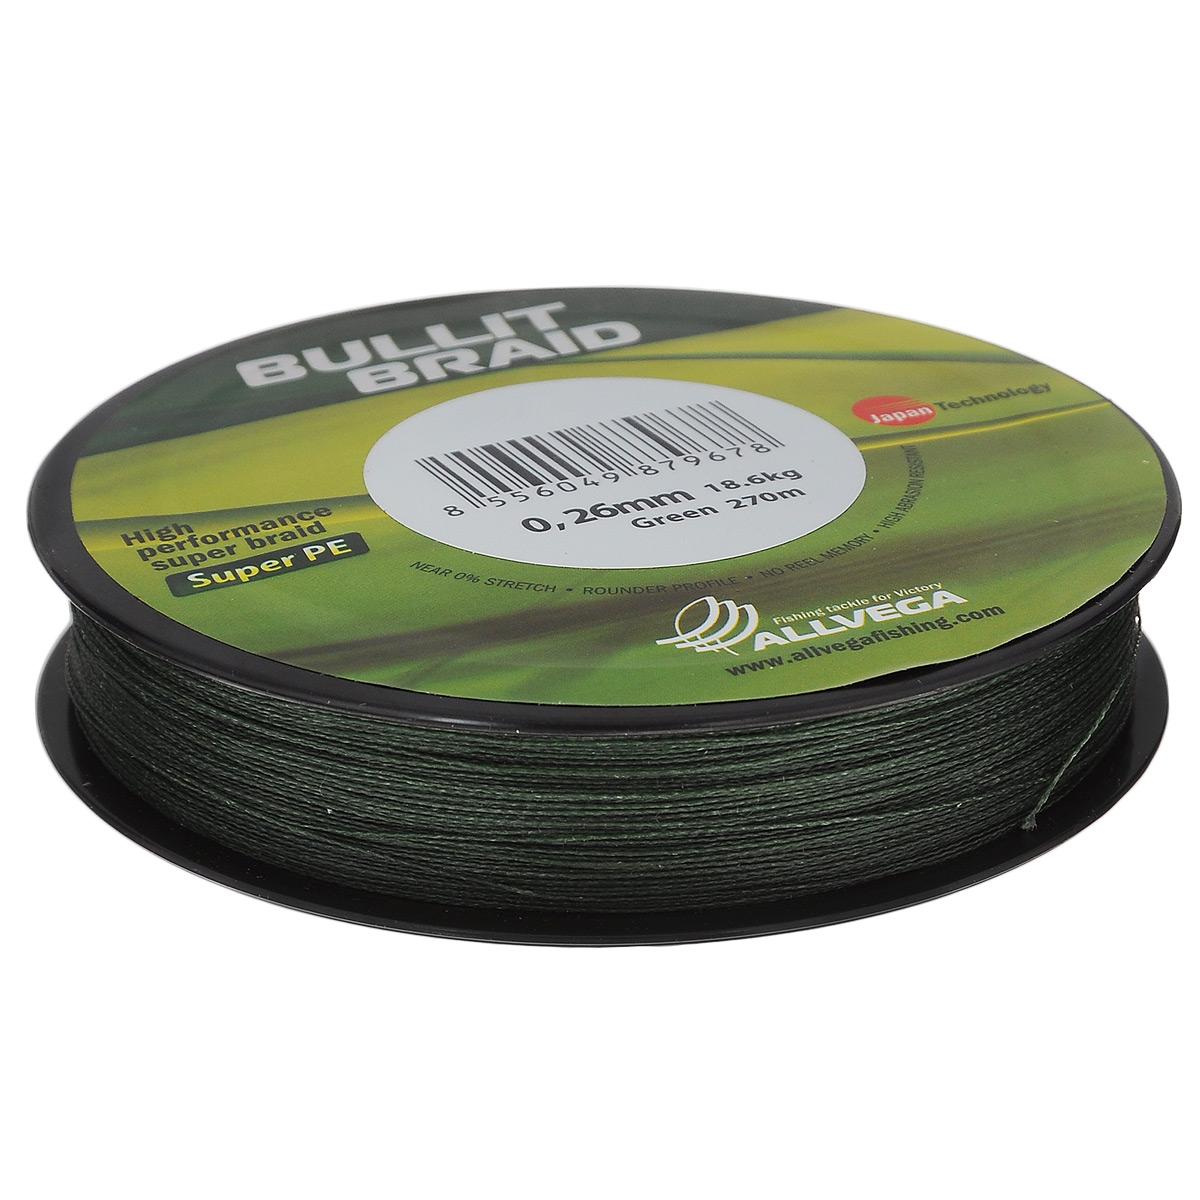 Леска плетеная Allvega Bullit Braid, цвет: темно-зеленый, 270 м, 0,26 мм, 18,6 кгPP092MGR013Леска Allvega Bullit Braid разработана с учетом новейших японских технологий в сфере строения волокон. Благодаря микроволокнам полиэтилена (Super PE) леска имеет очень плотное плетение, не впитывает воду, имеет гладкую круглую поверхность и одинаковое сечение по всей длине.